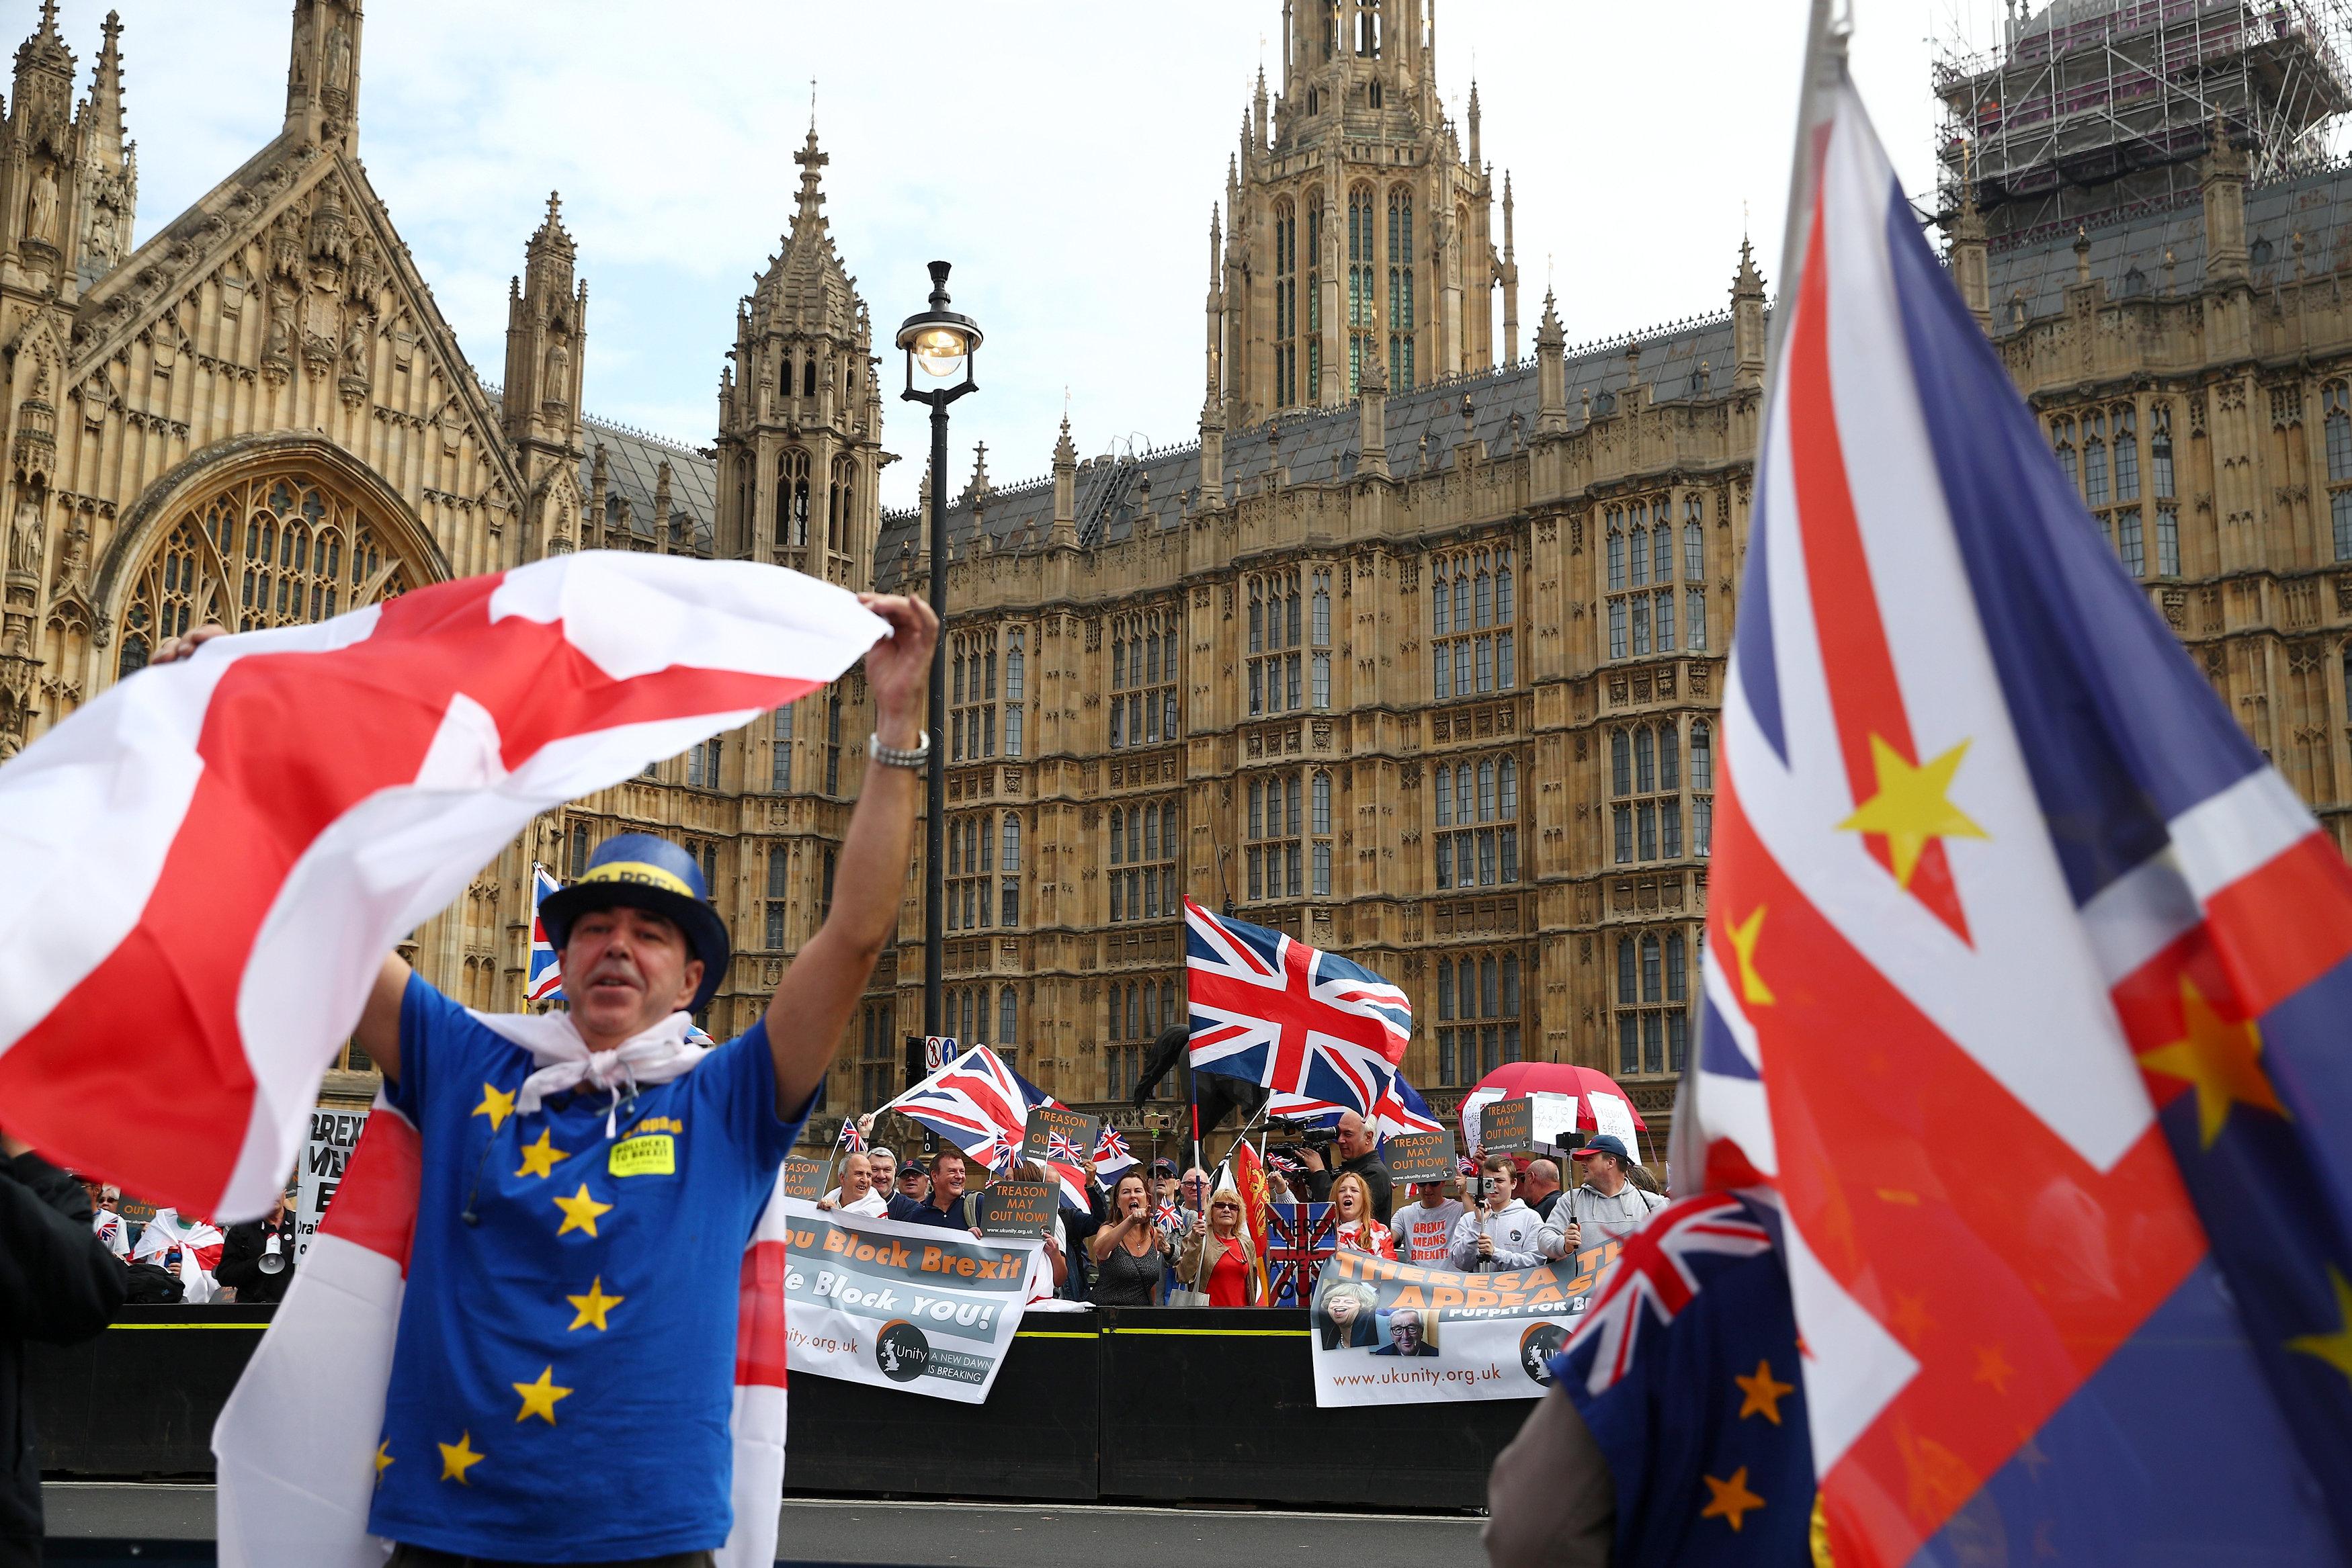 معارضو بريكست يتظاهرون أمام البرلمان البريطانى